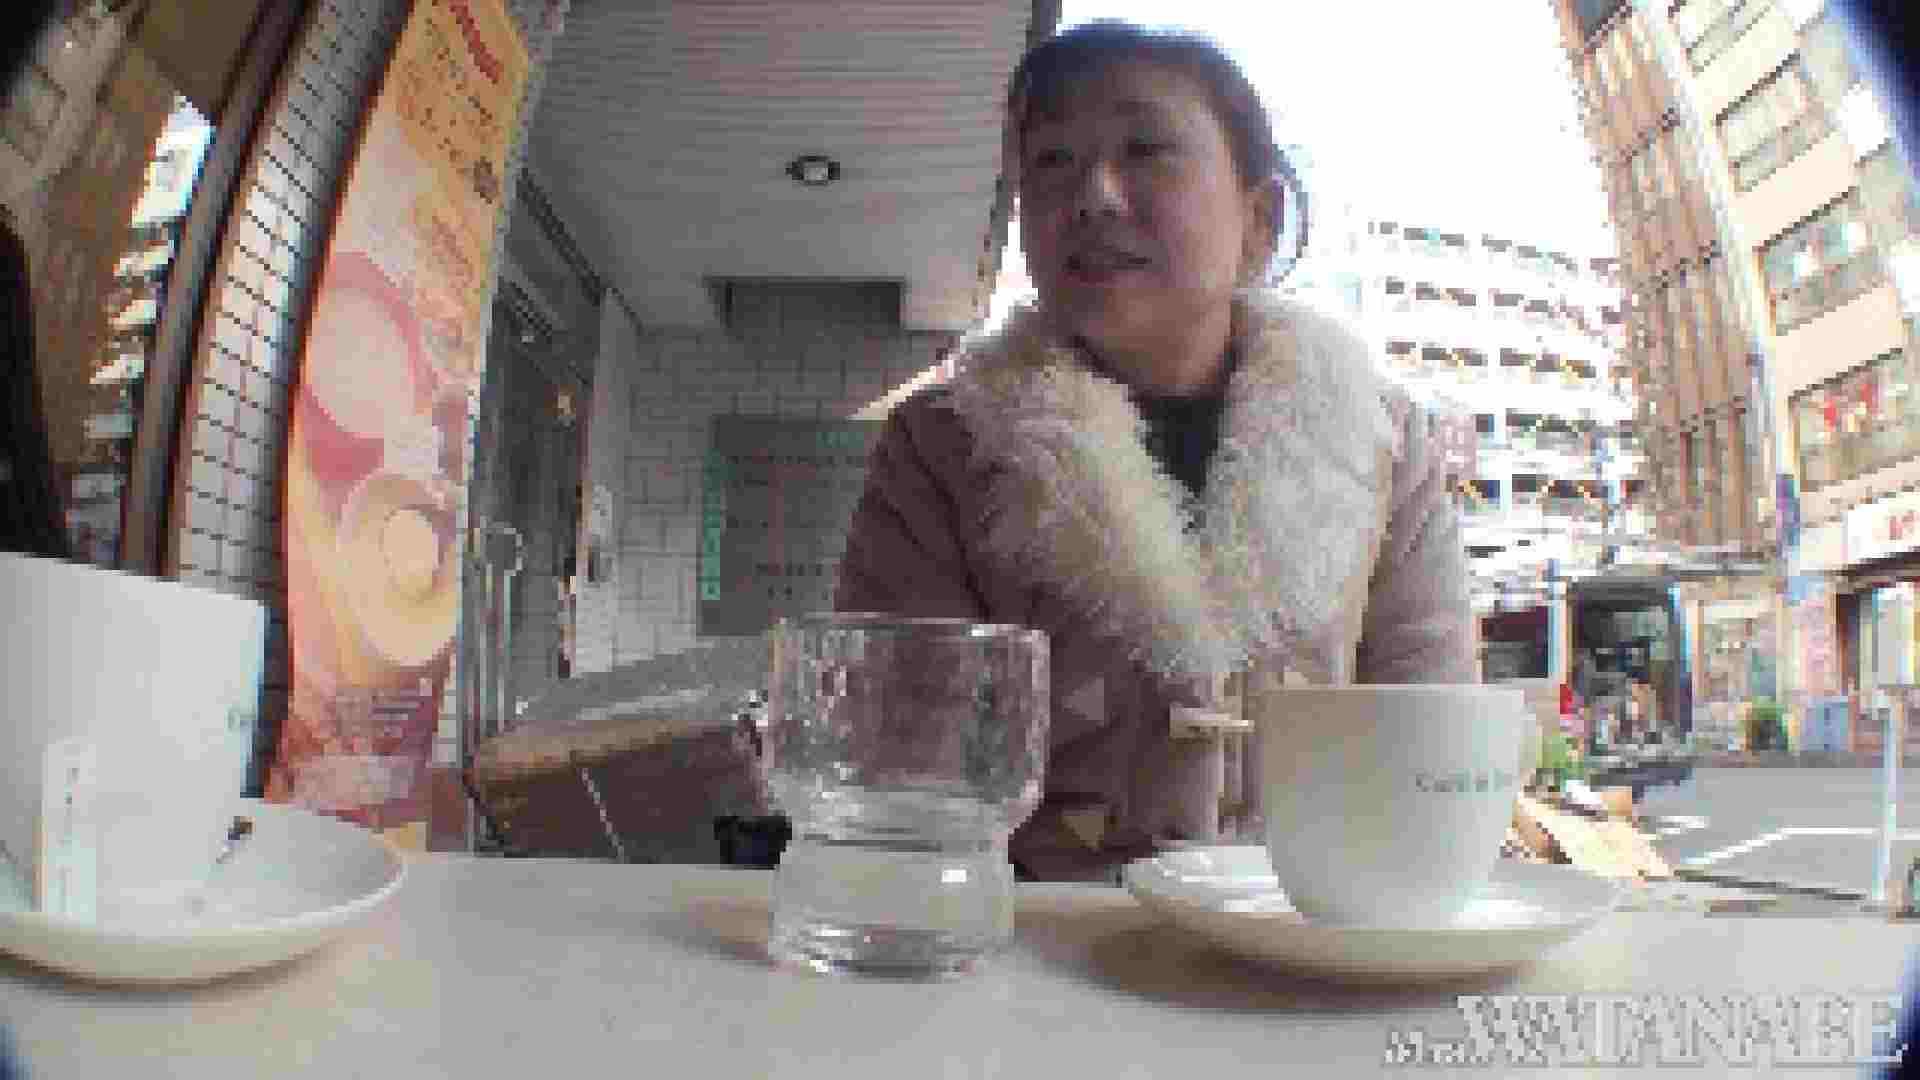 撮影スタッフを誘惑する痴熟女 かおり40歳 Vol.01 素人流出動画 セックス画像 87枚 82